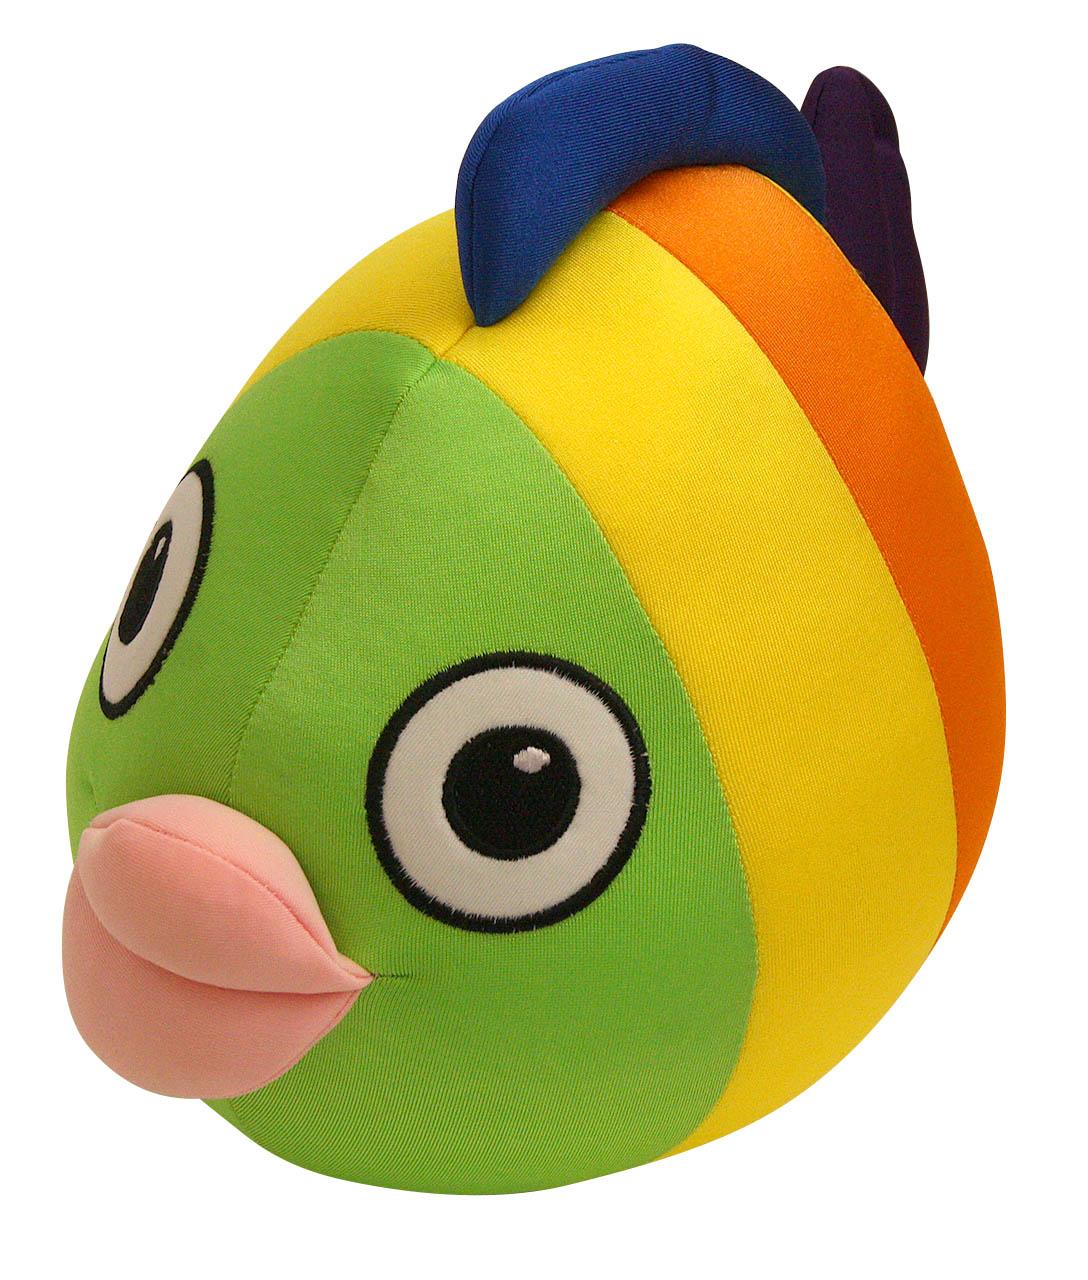 Vinnemeier Kinderkissen Kissen Kuschelkissen Pinguin Eule Fisch Fuchs Hund  Hai